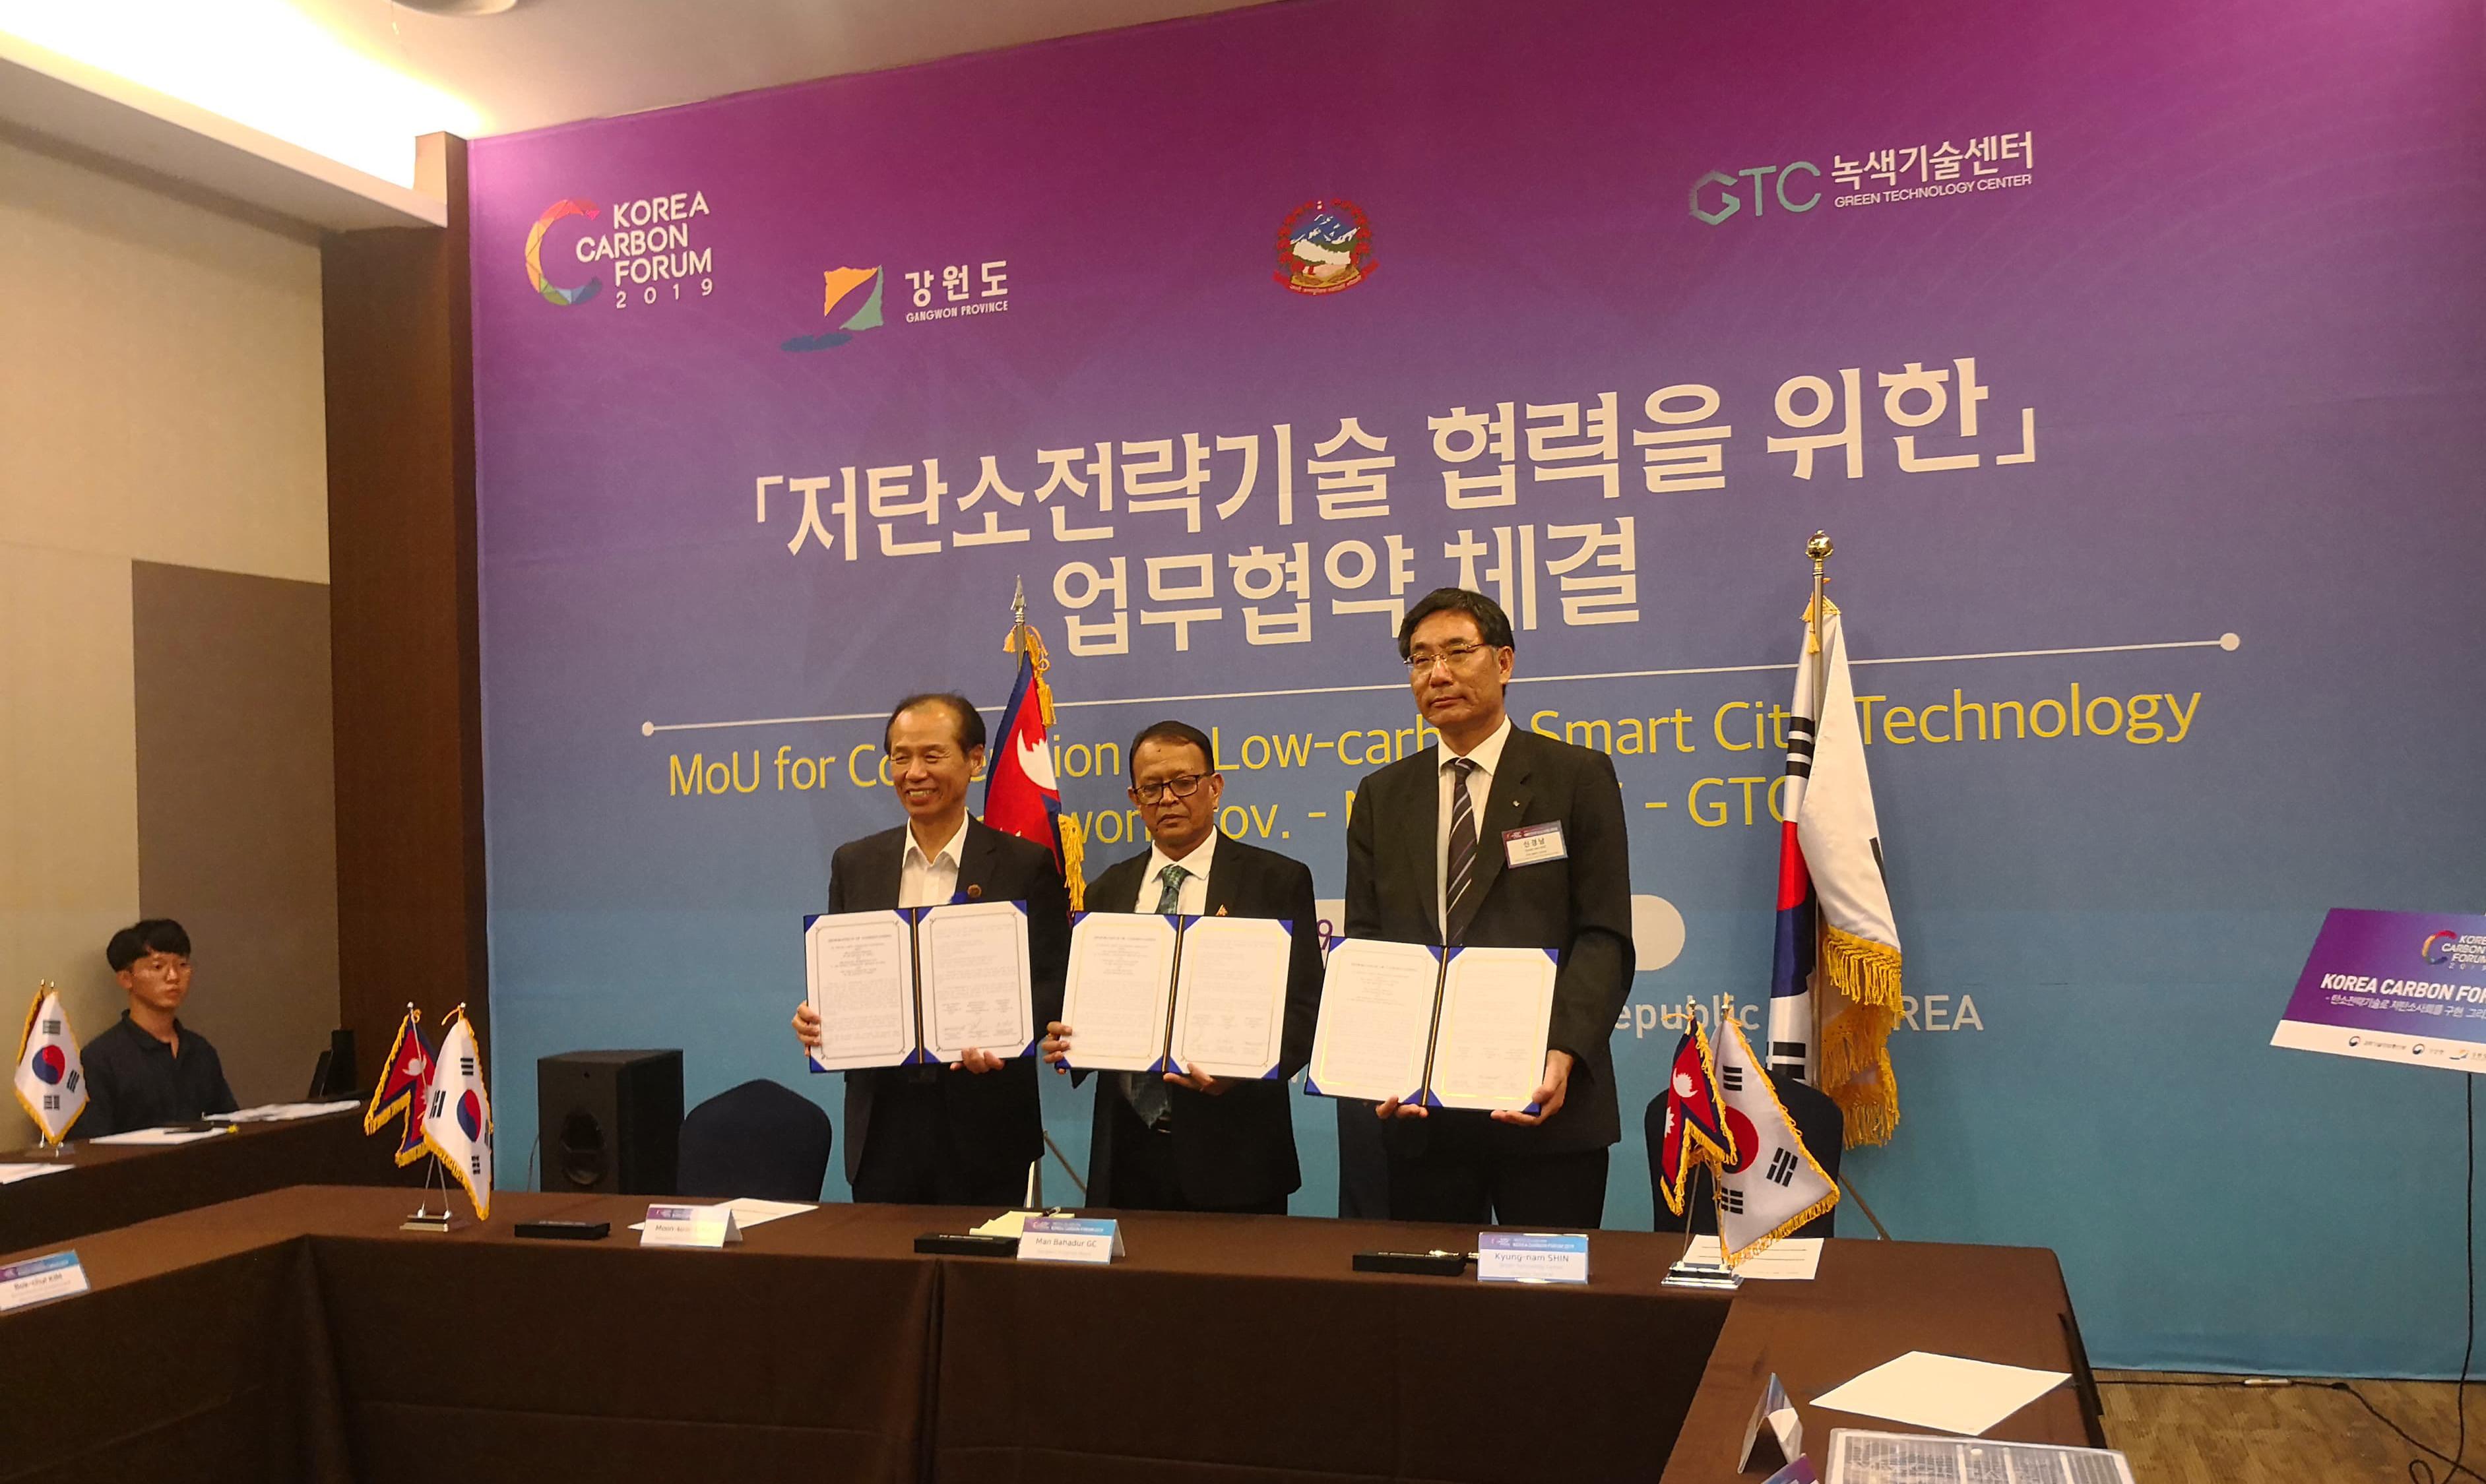 पोखरा महानगर र कोरियाको ग्यांवोन प्रान्तबीच साझेदारी सम्झौता